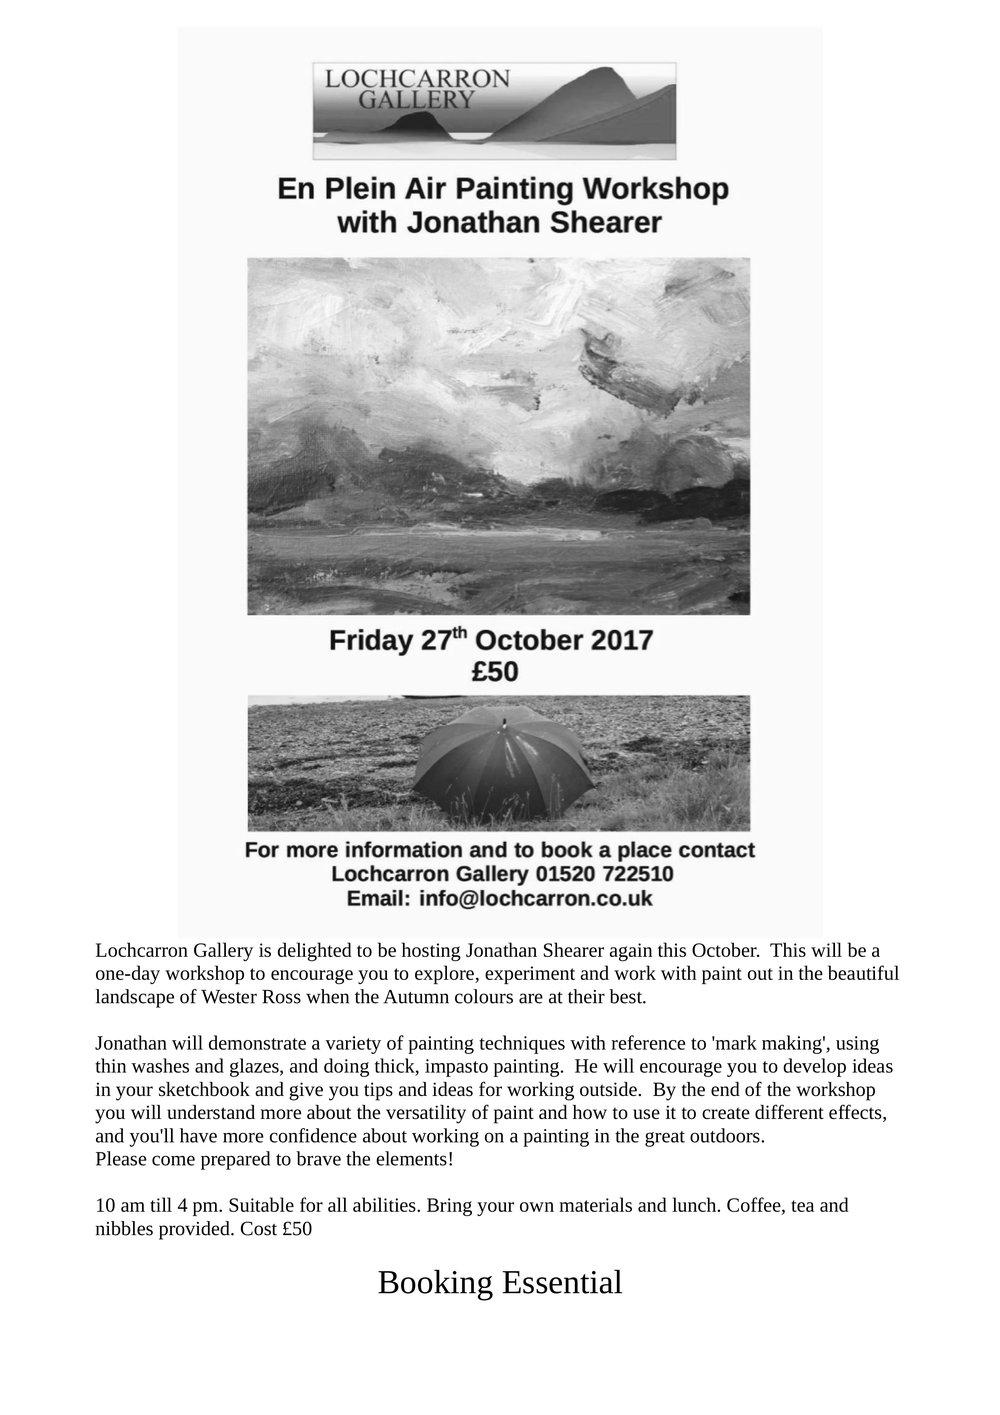 LG jonathanshearer Invite pics Oct17.jpg